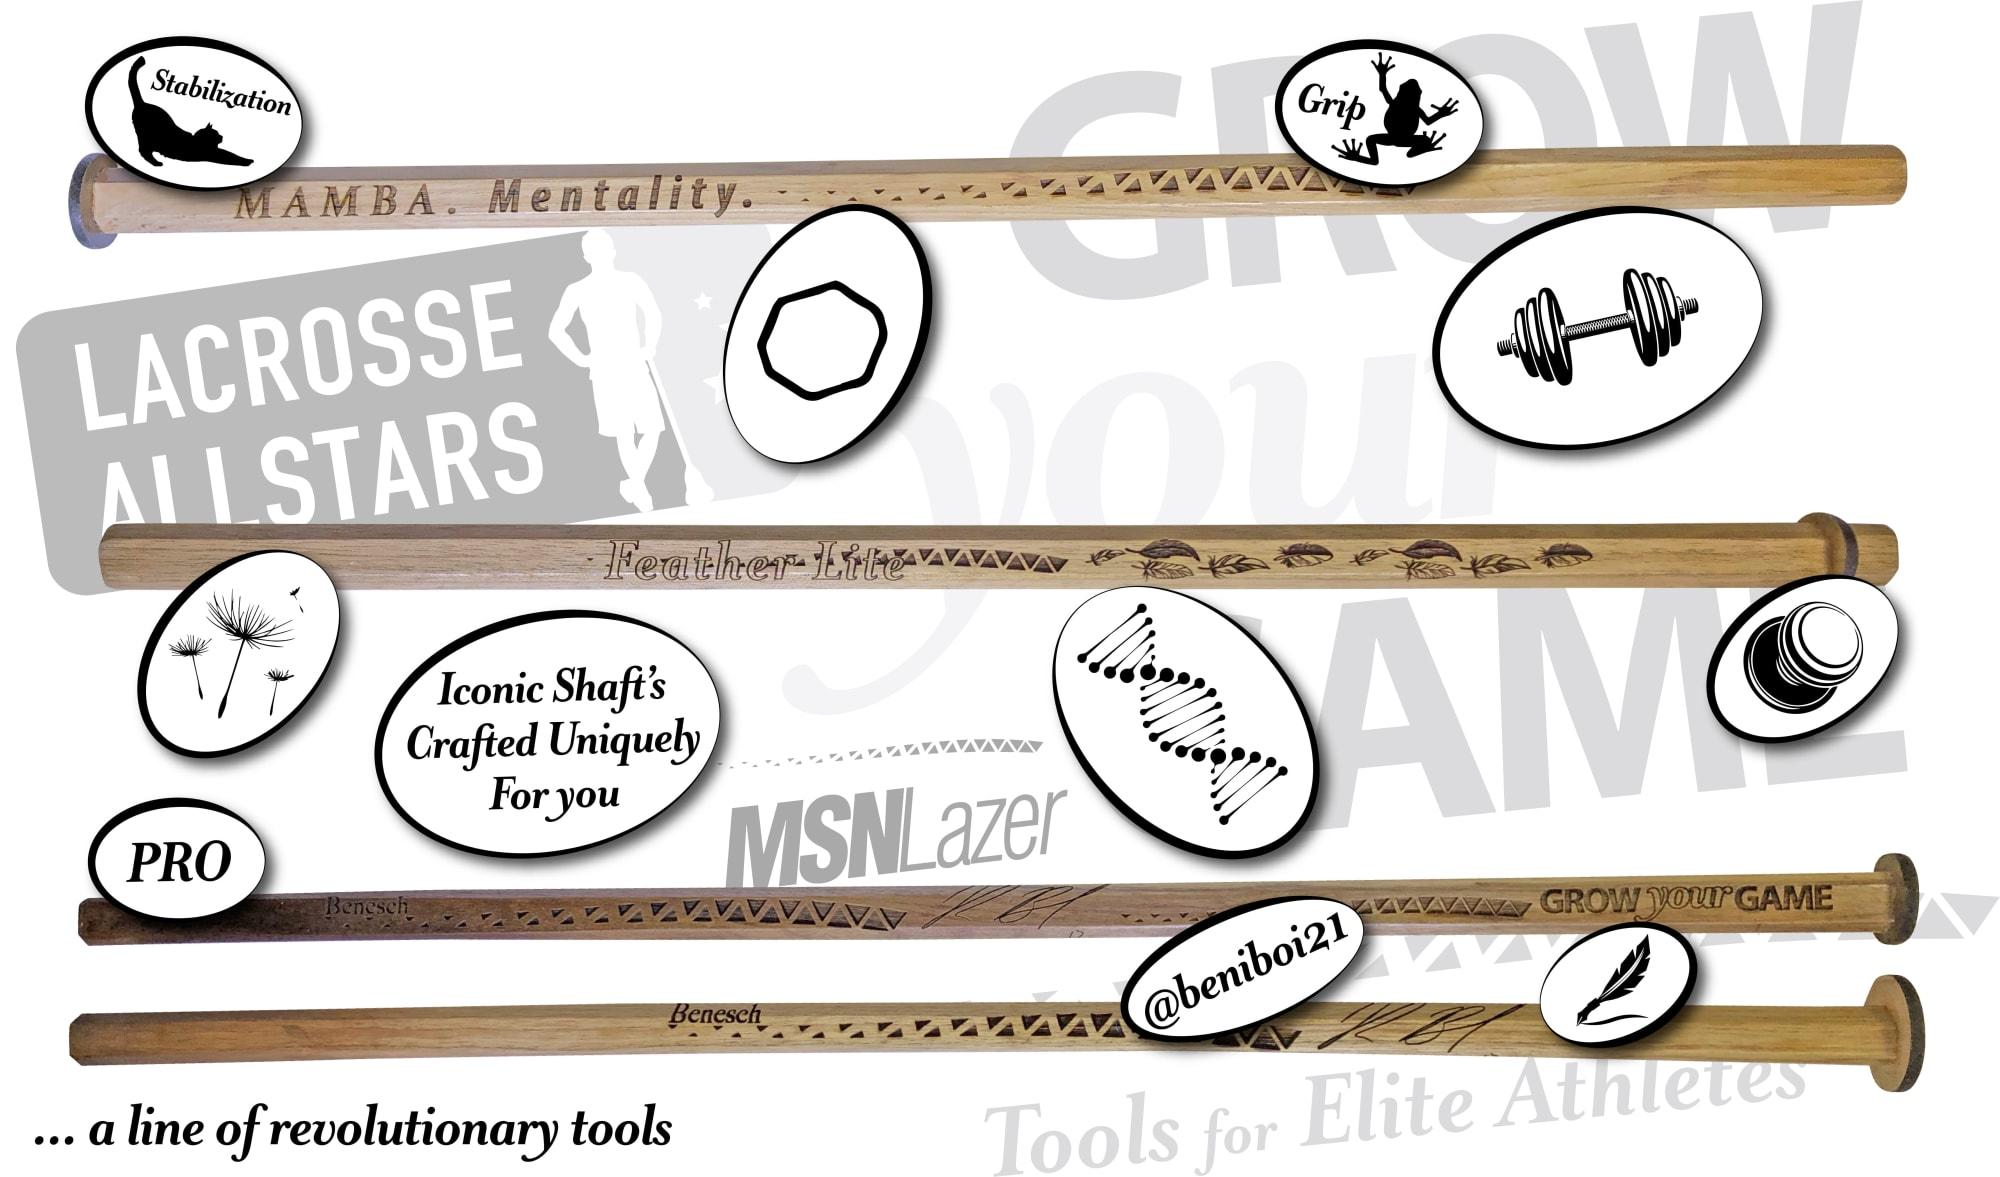 wood lacrosse shafts by msn lazer